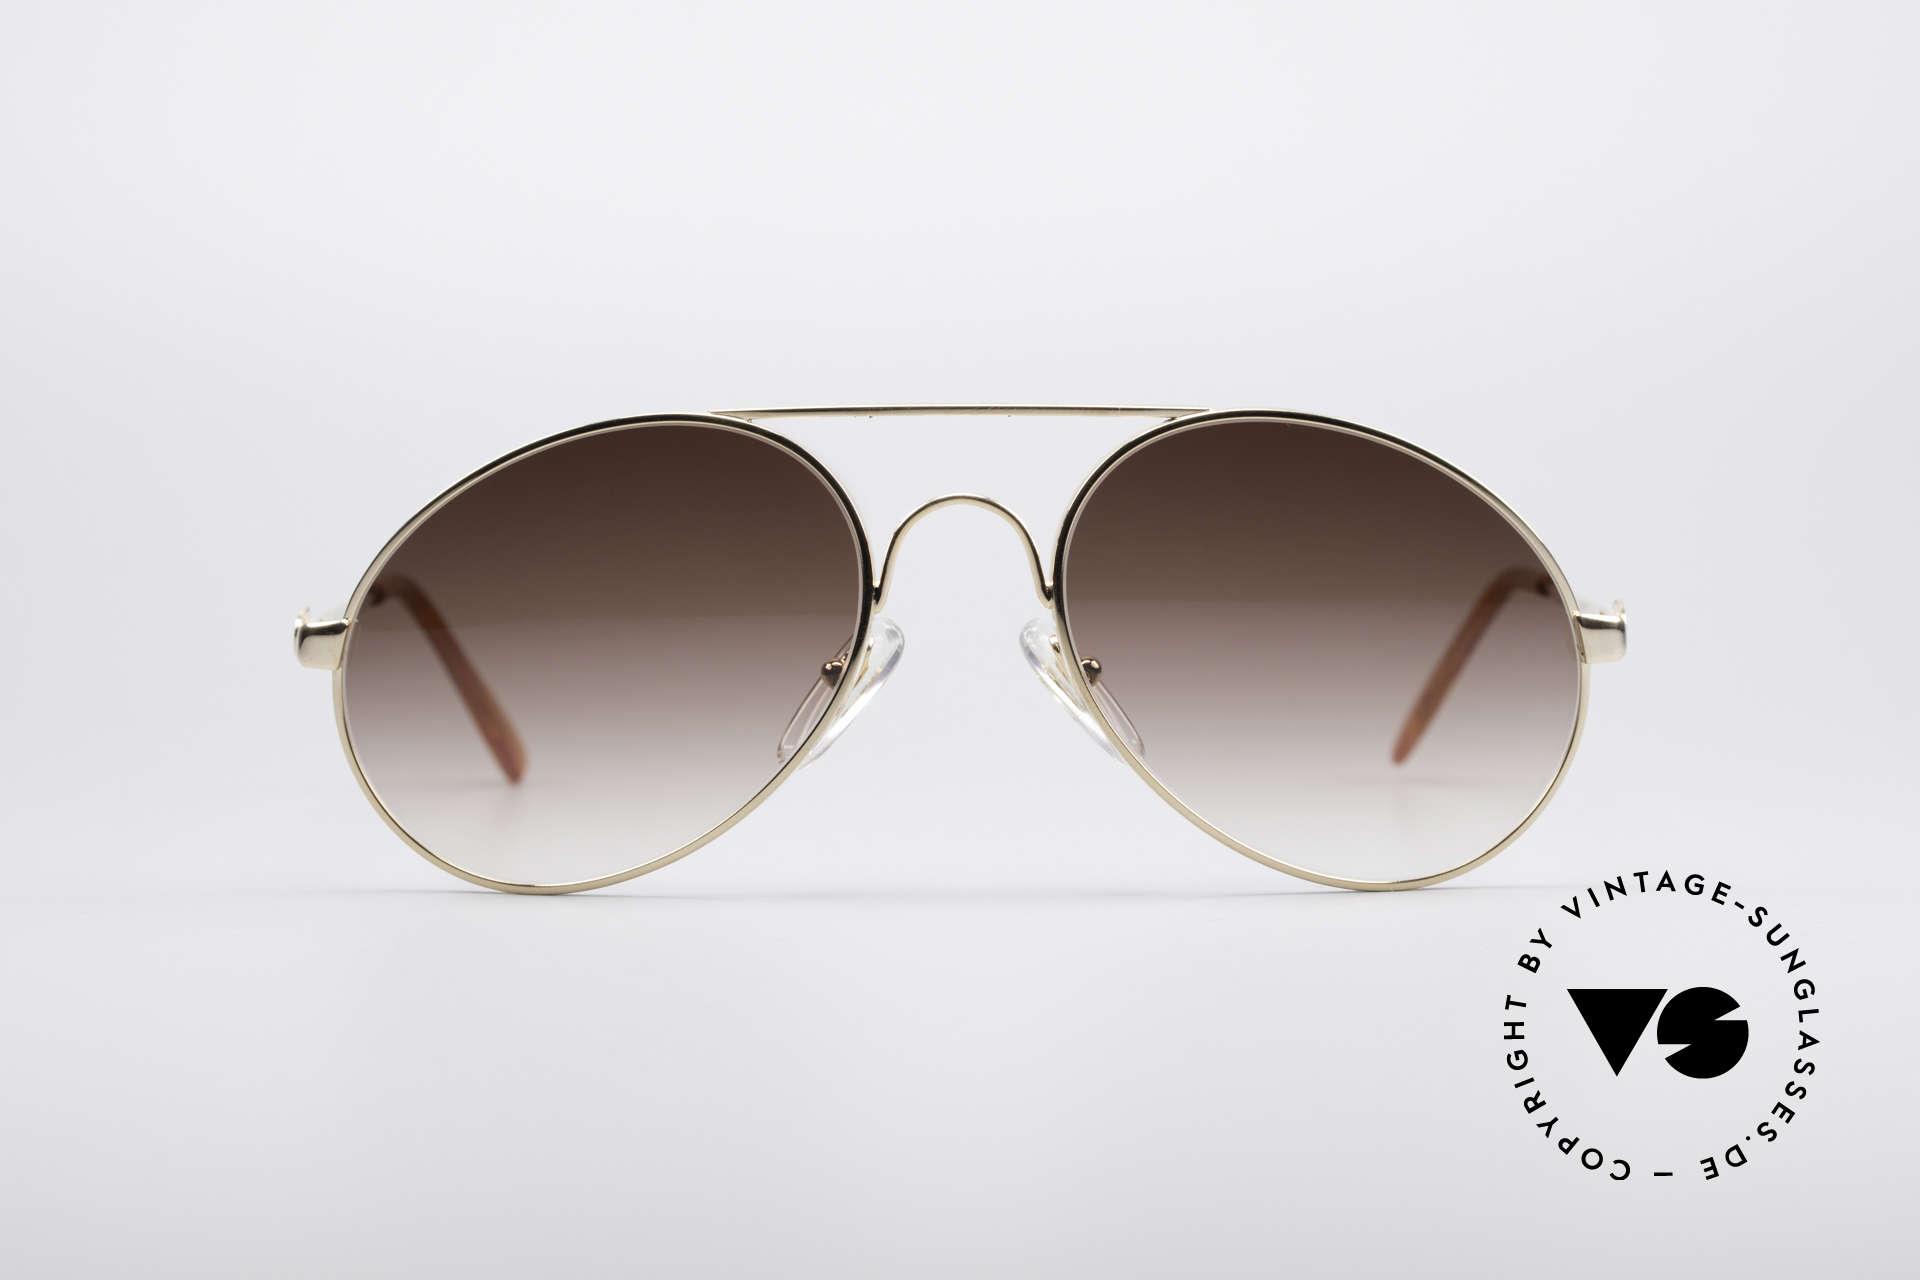 Bugatti 65986 Luxury 80's Sunglasses, legendary vintage BUGATTI 'tear drop' design, Made for Men